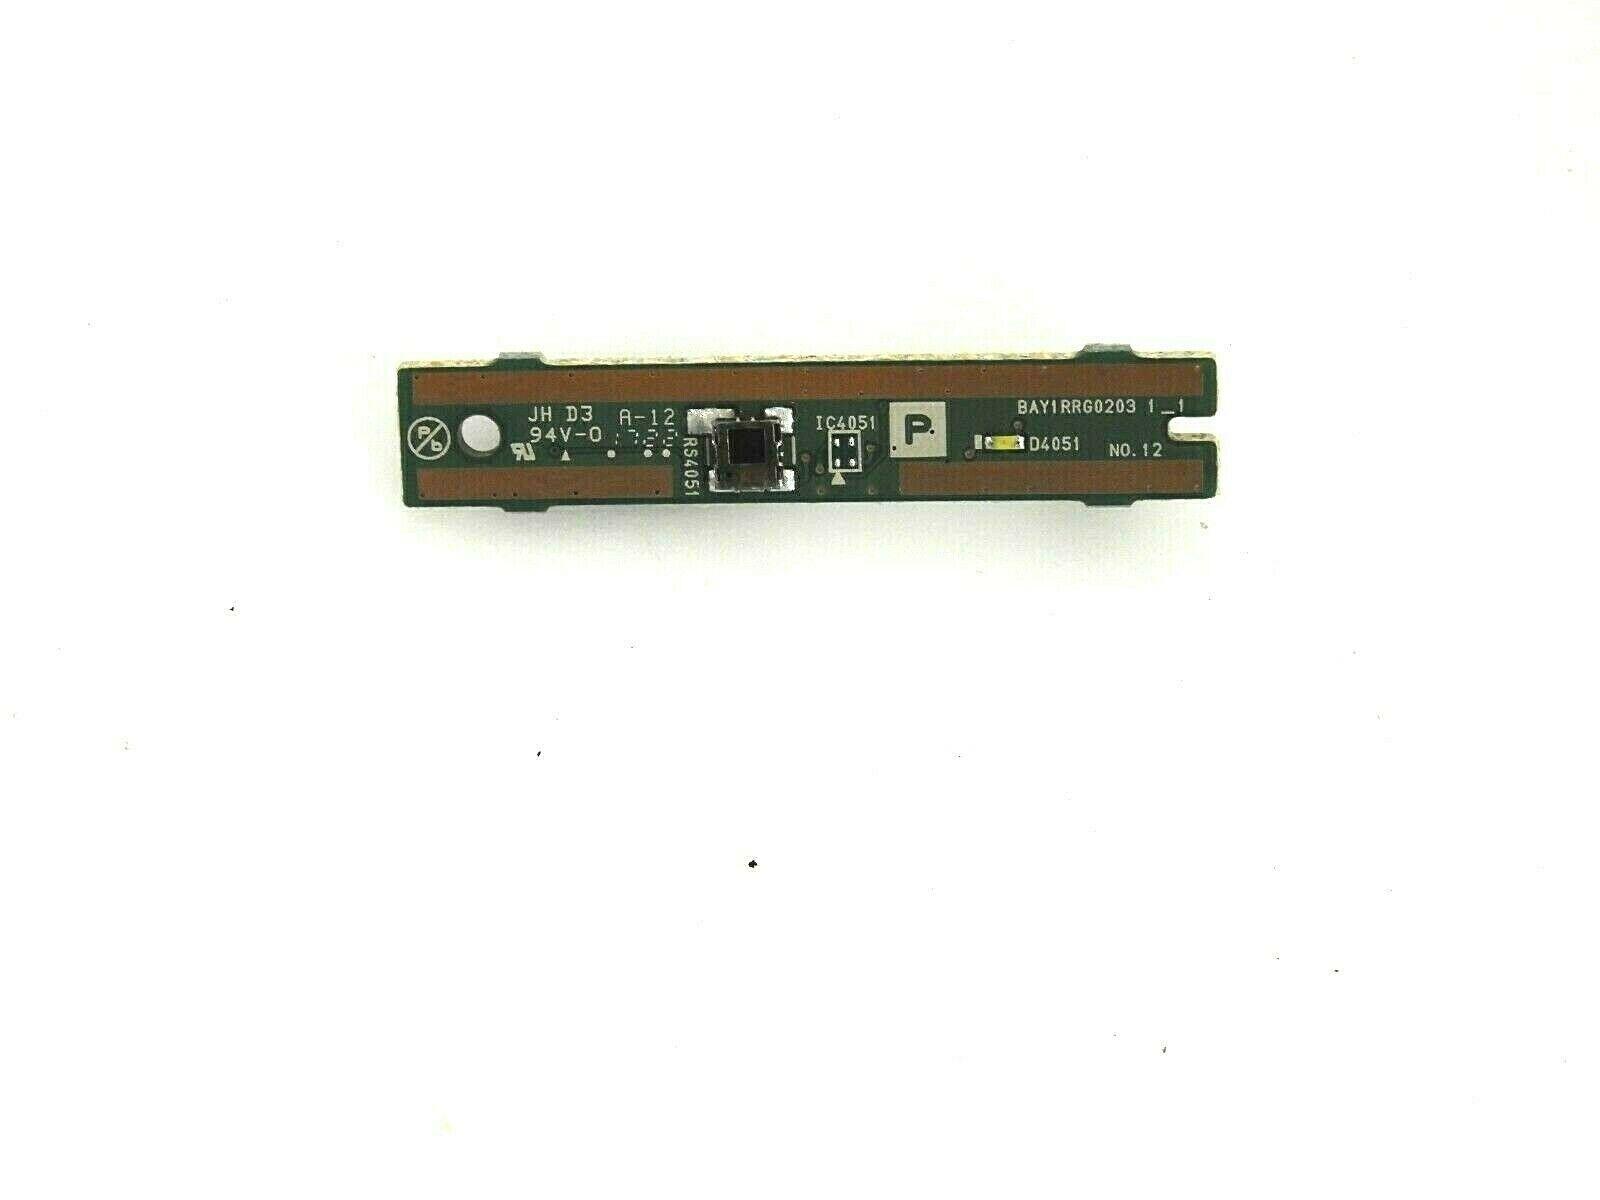 Philips 55pfl5402 F7 Ir Sensor Board Bay1rrg0203 1 1 Tv